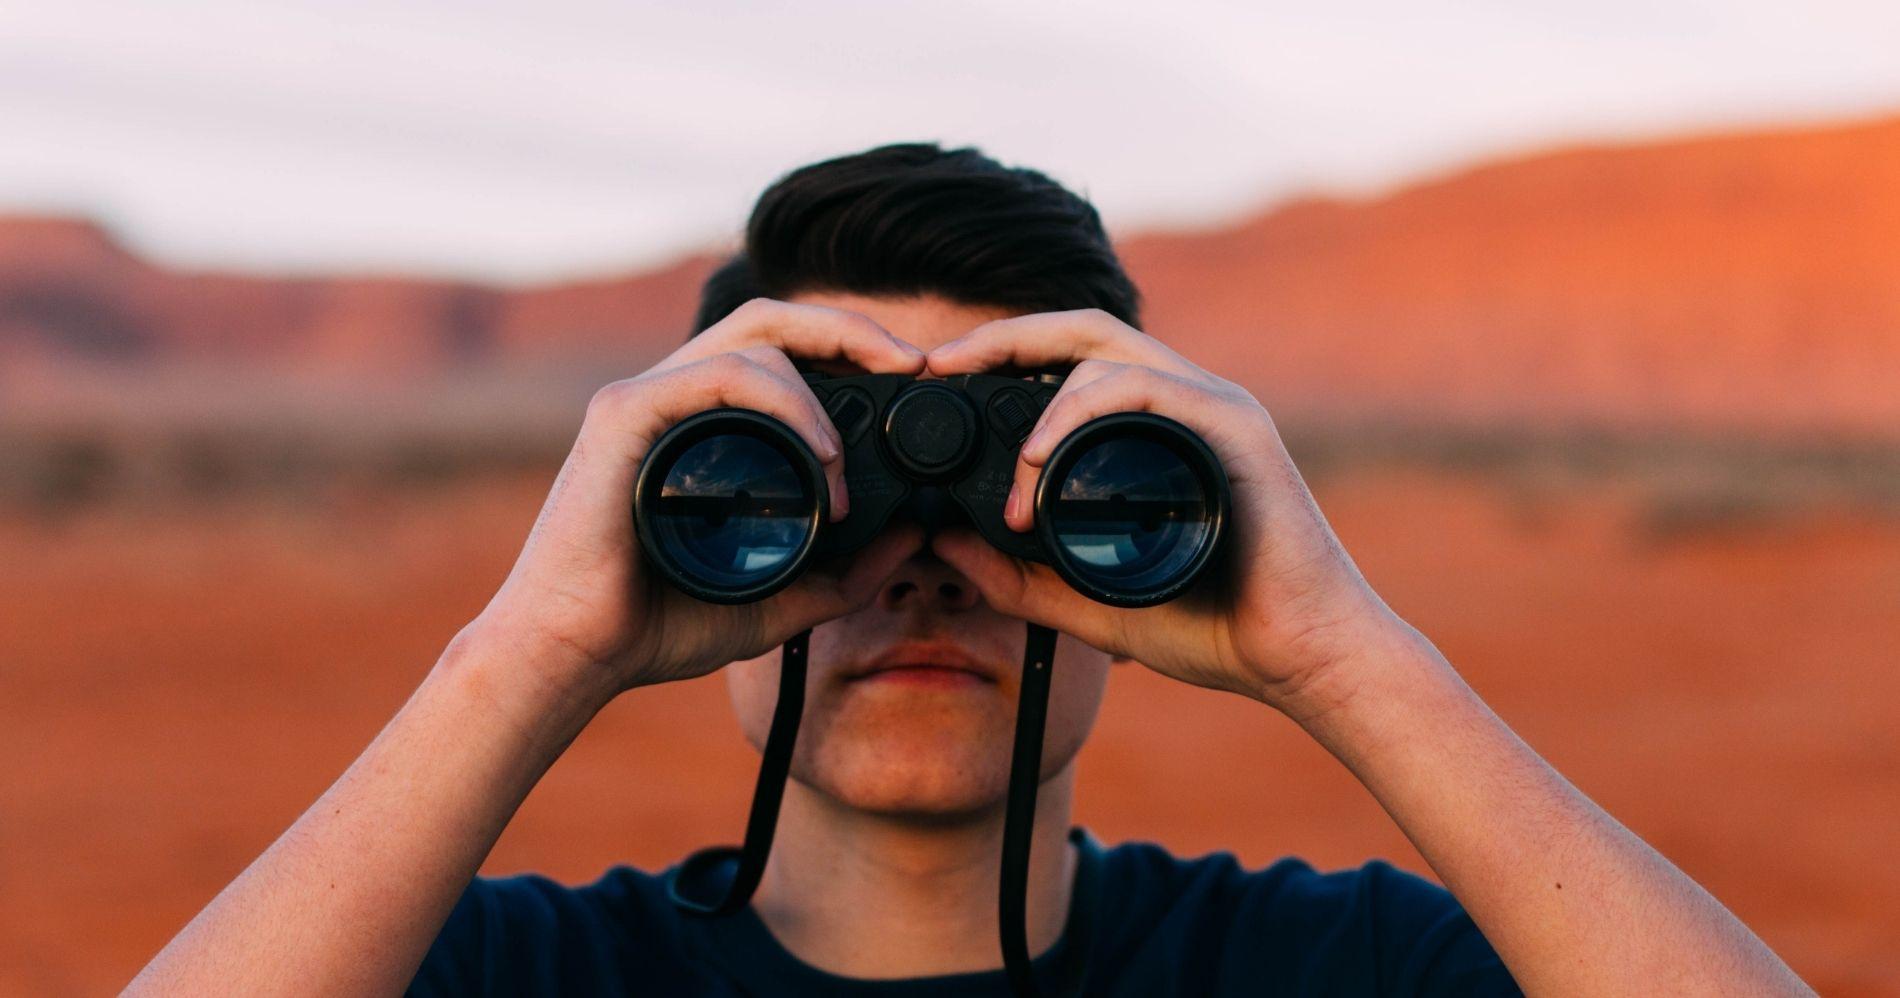 Focus - Canva